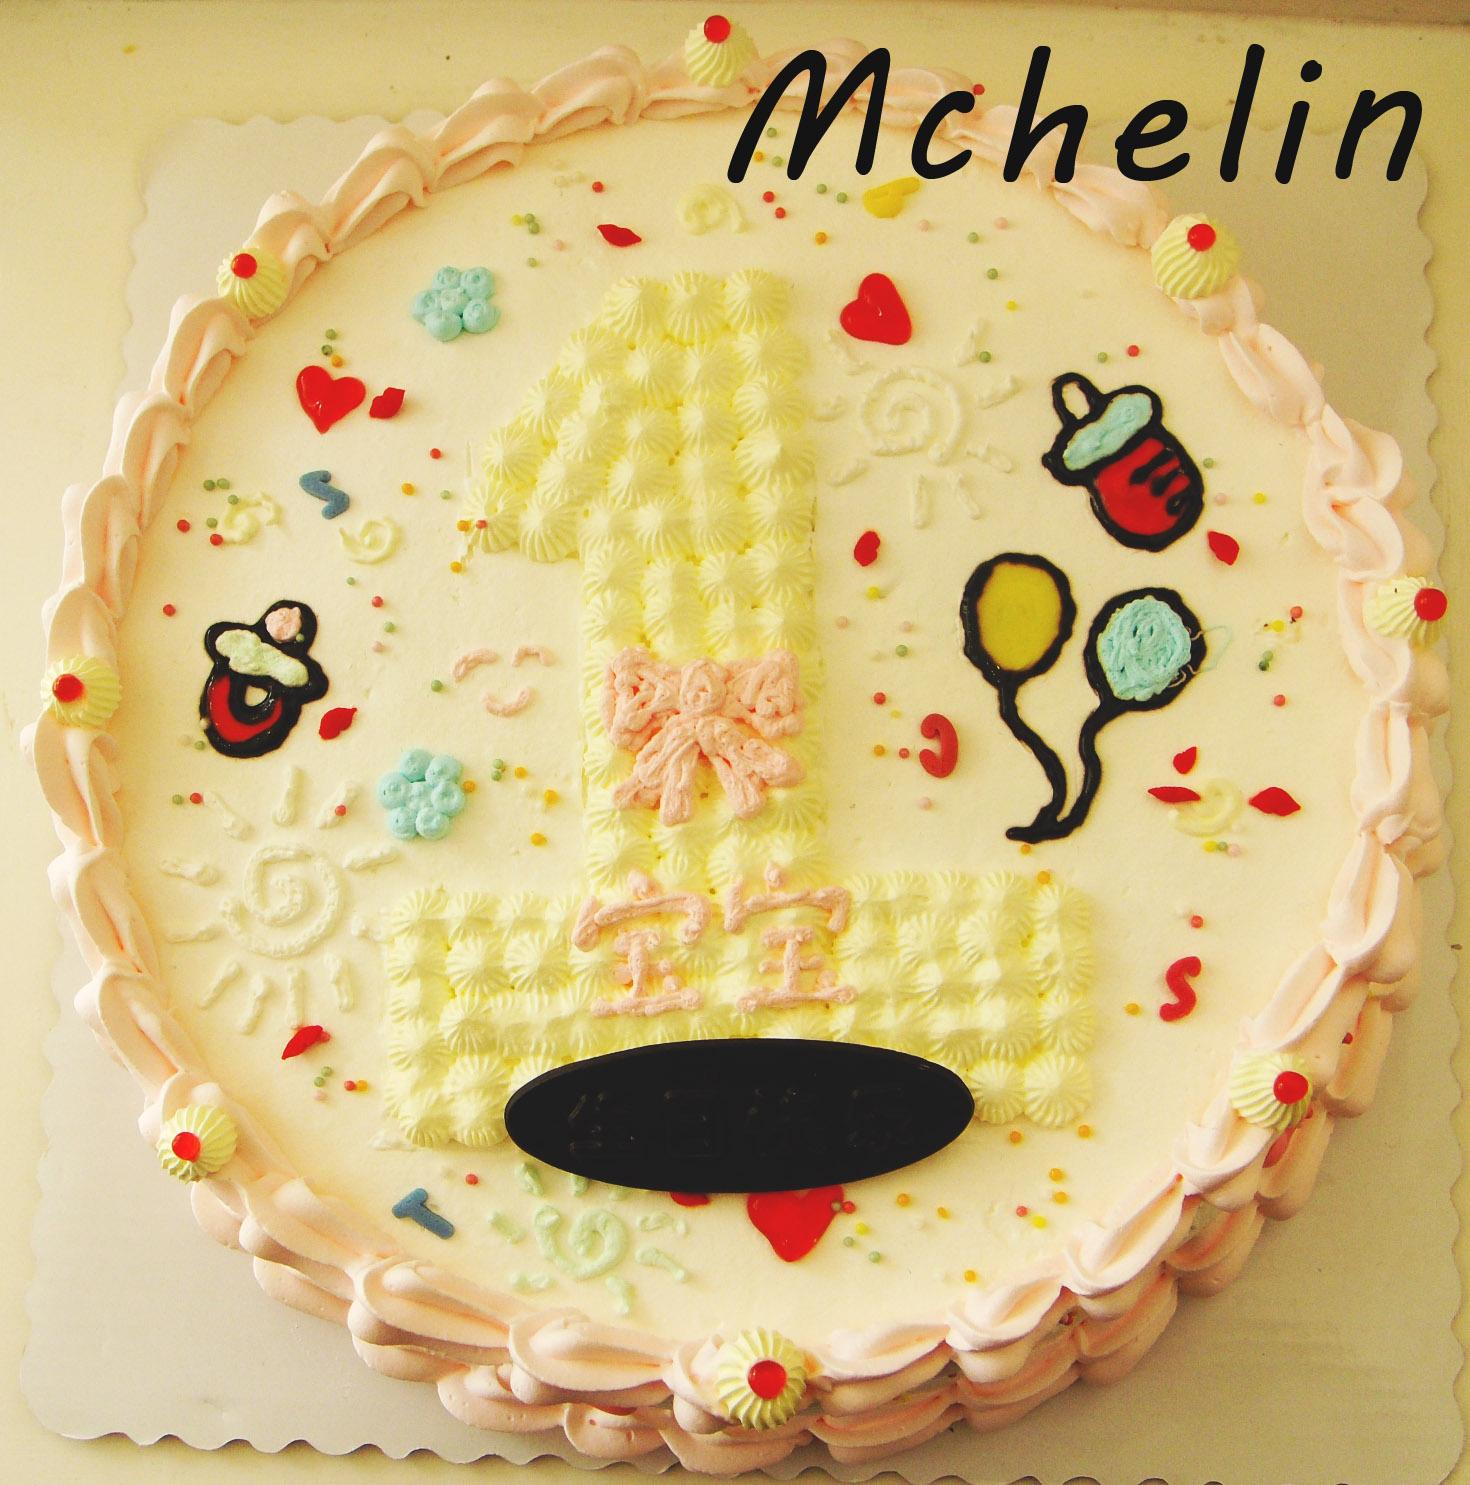 2周年生日蛋糕_宜兴丁山米其林 创意蛋糕卡通 一周岁 手绘生日蛋糕 宜兴实体店